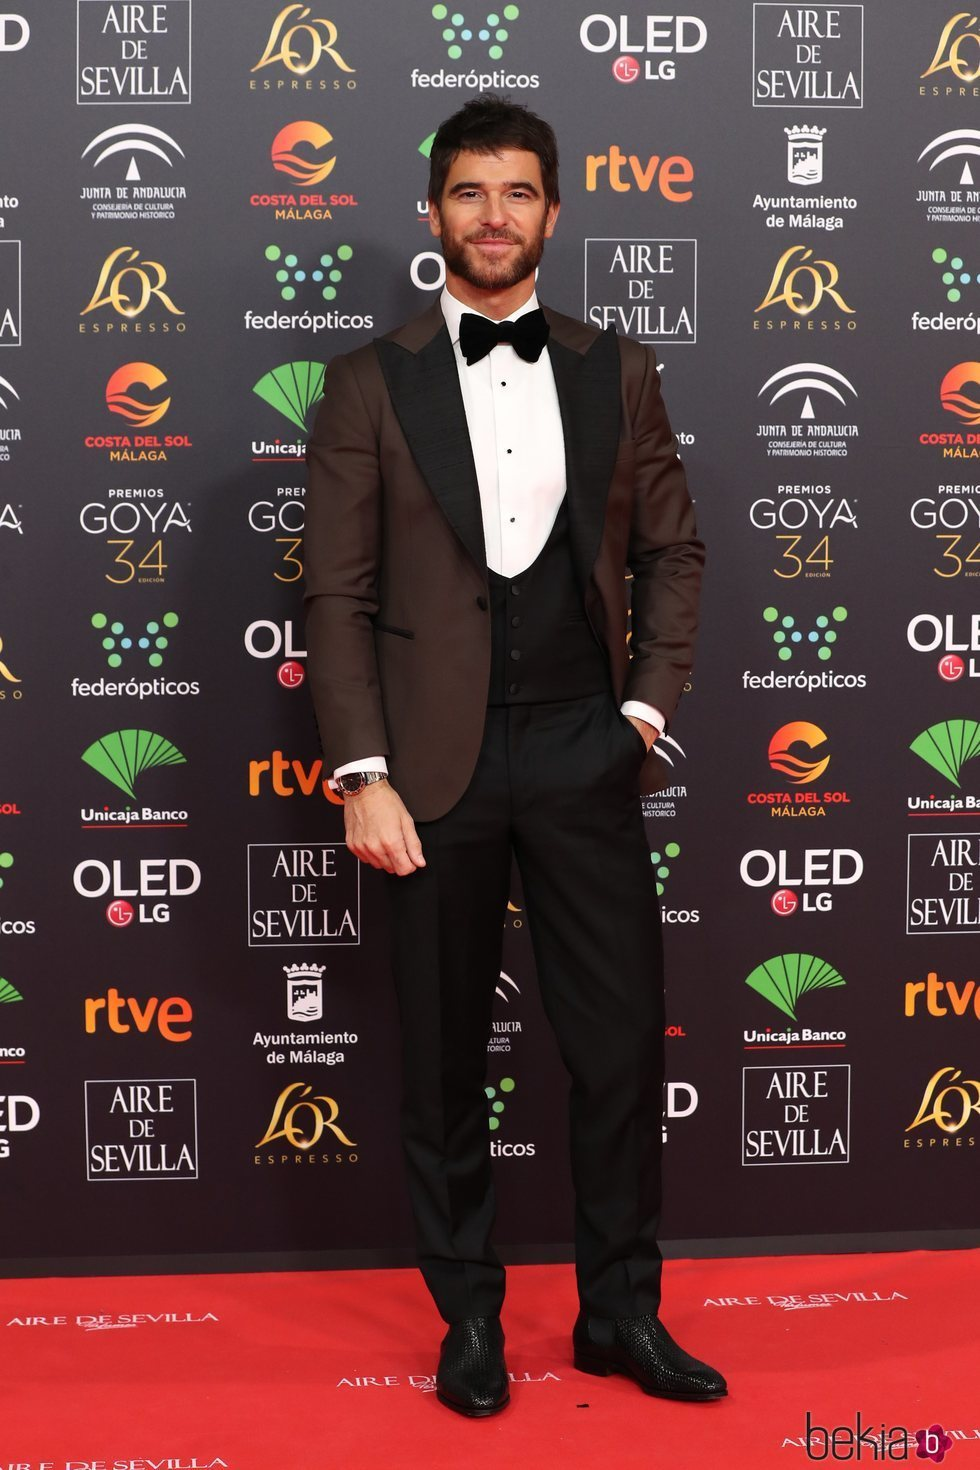 Alfonso Bassave en la alfombra roja de los Goya 2020